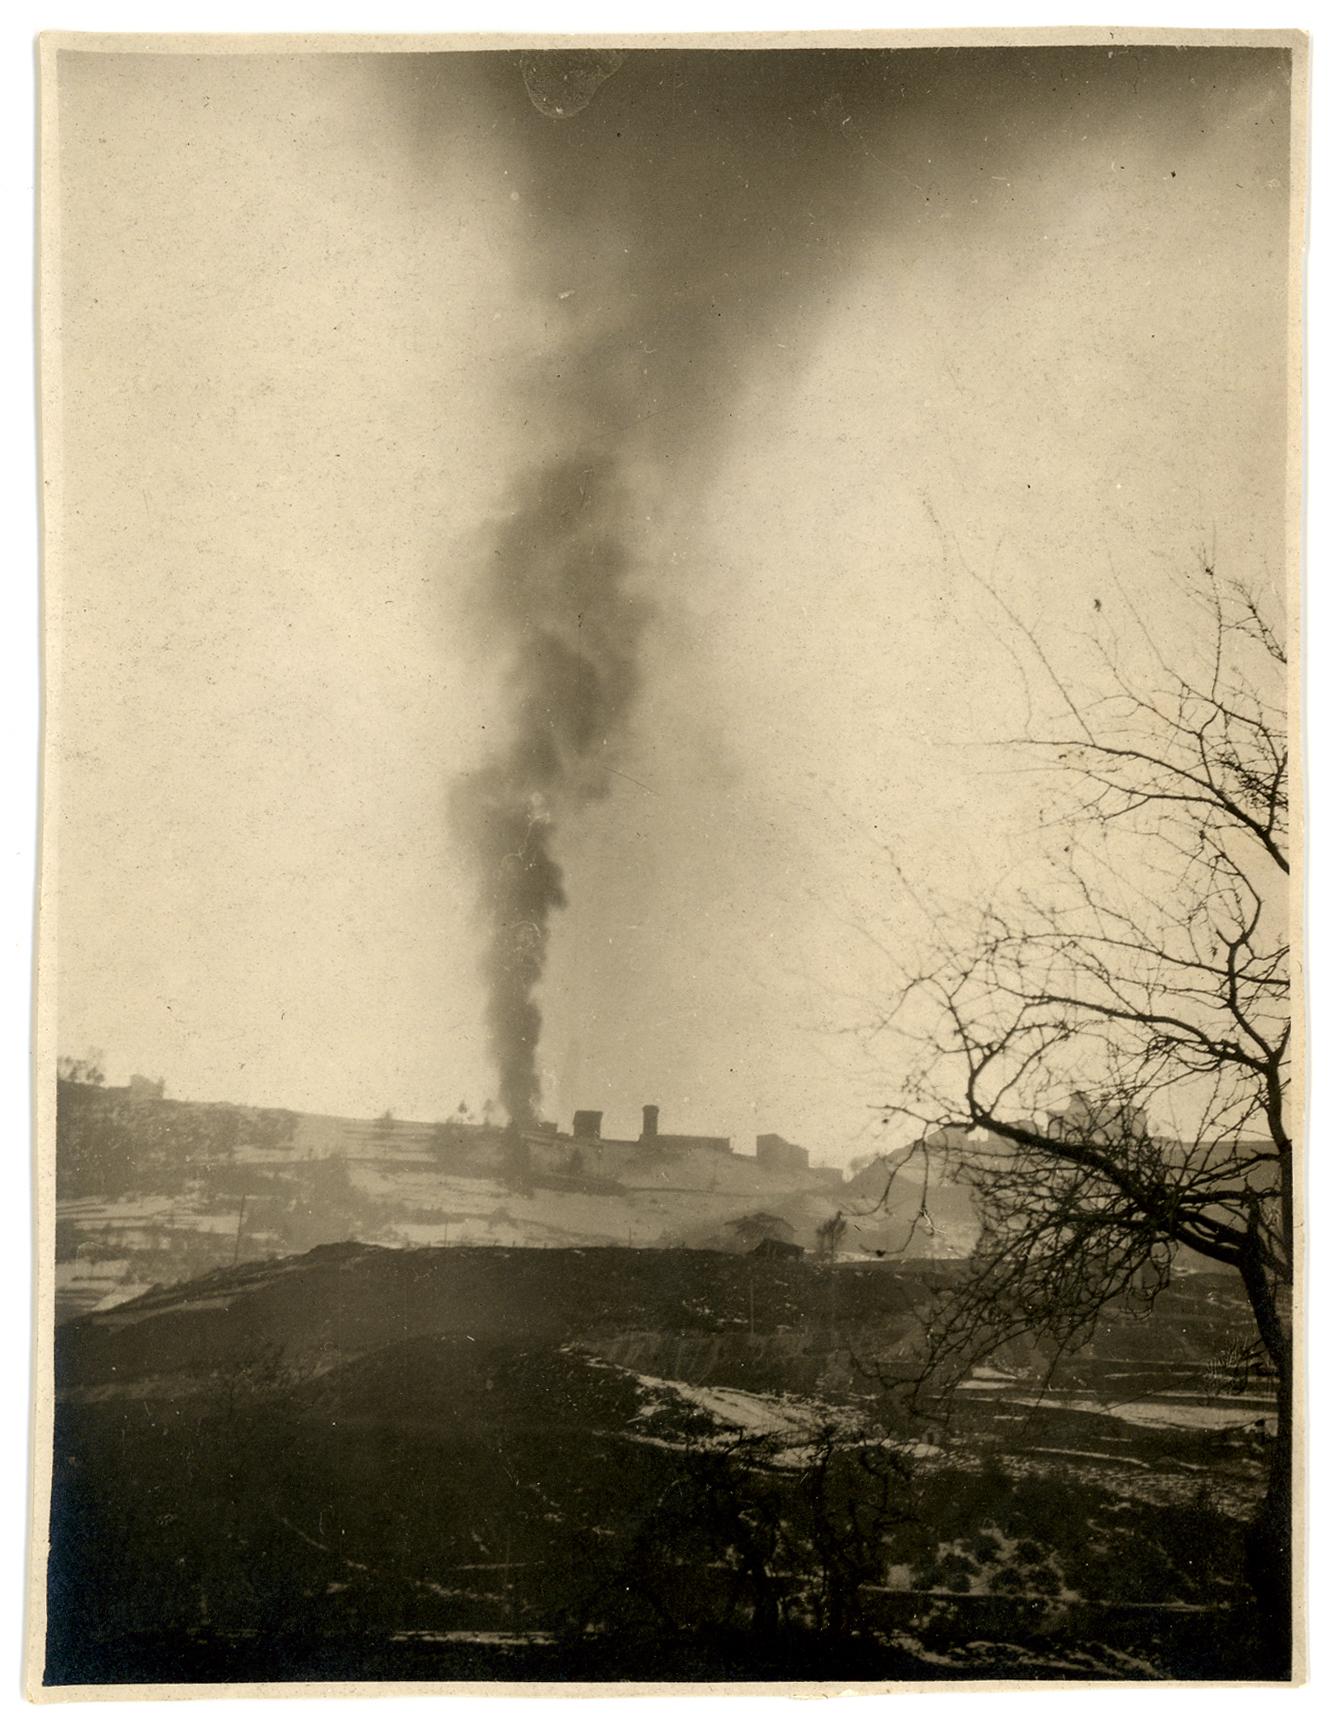 07 - Enego bombardata dall'artiglieria austroungarica - ASDM.JPG